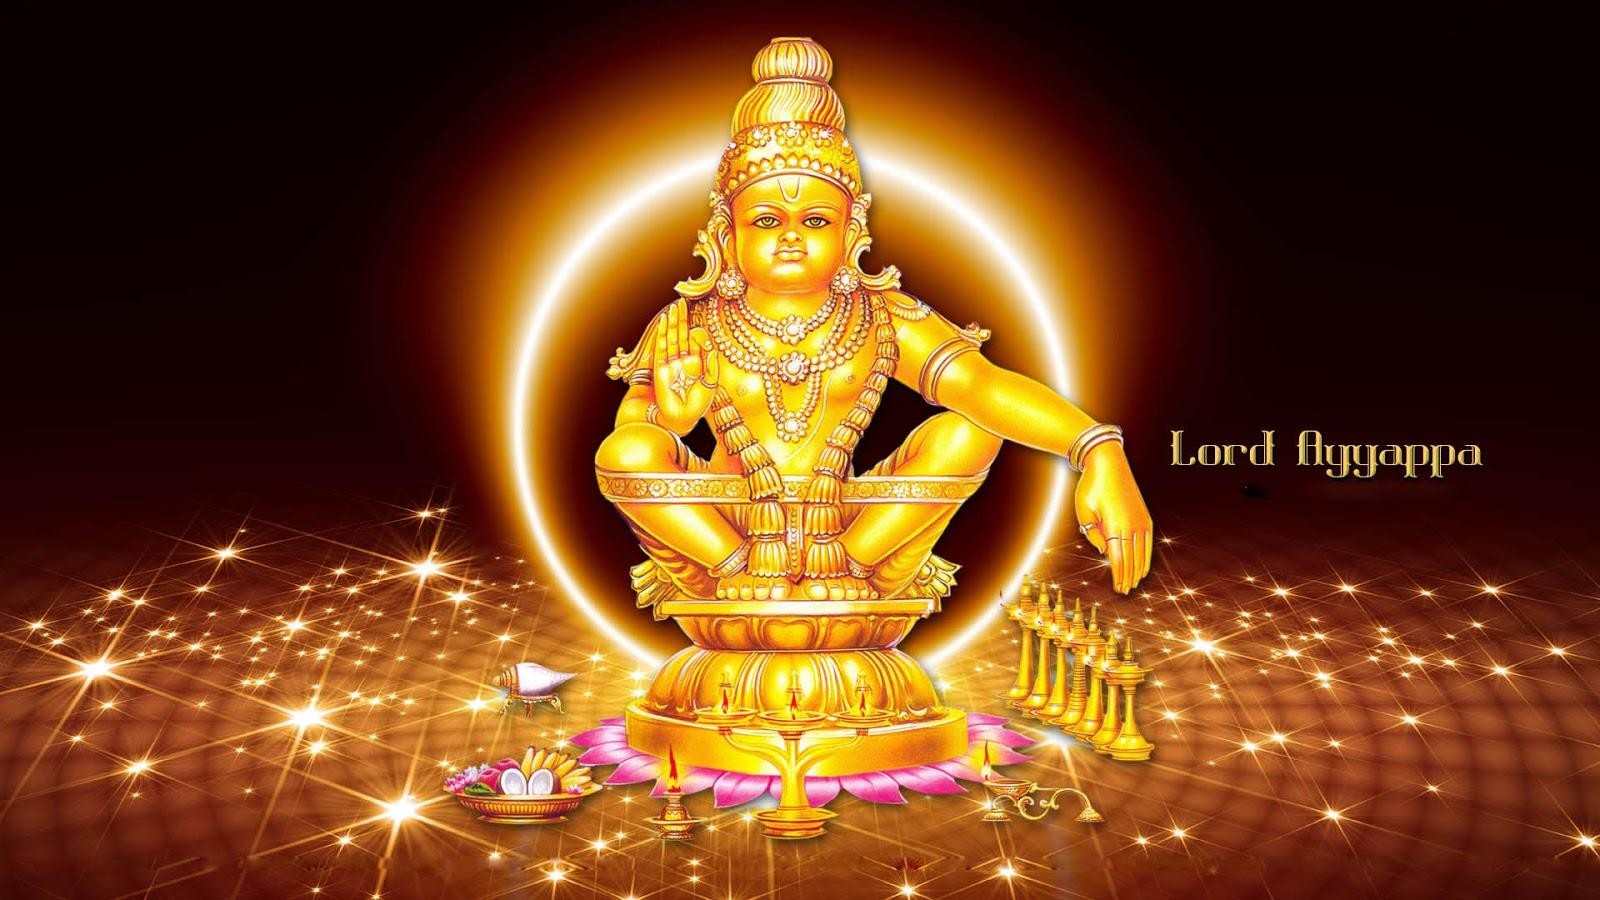 Download Wallpaper Lord Ayyappan - Lord%2BAyyappan%2BSwami%2B001  You Should Have_943247.jpg